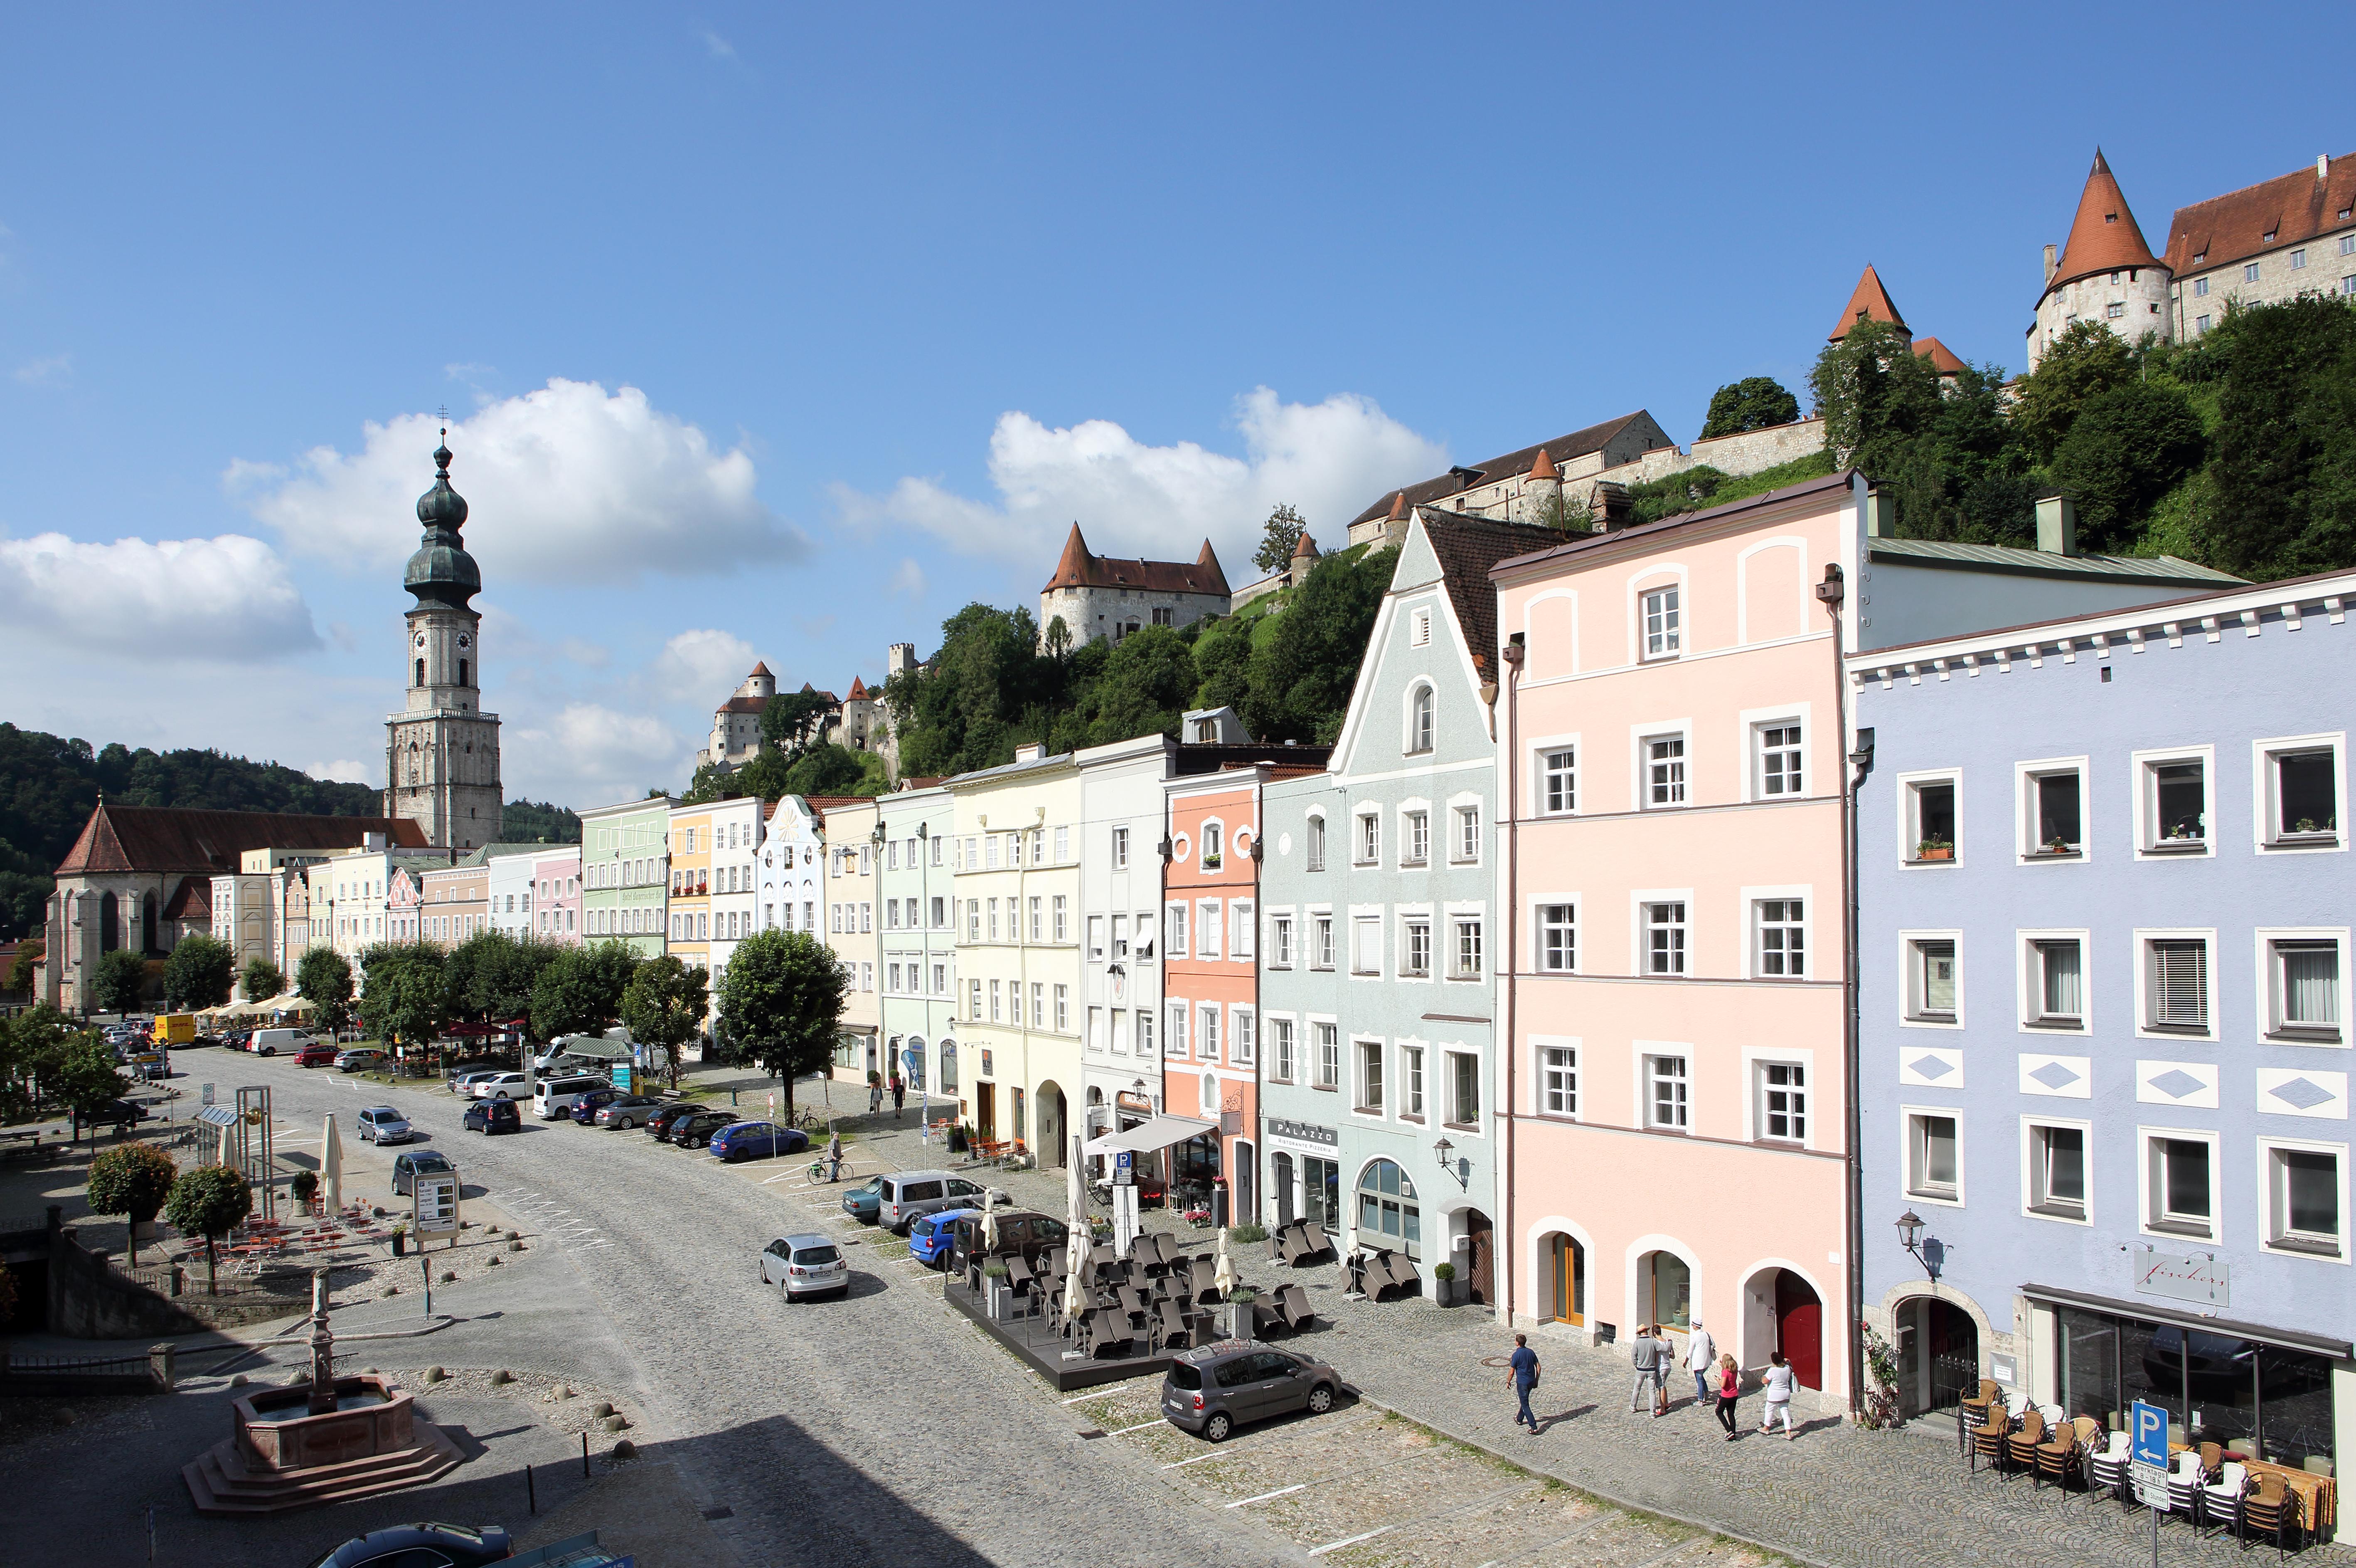 Altstadt_16.08.01_5501.jpg